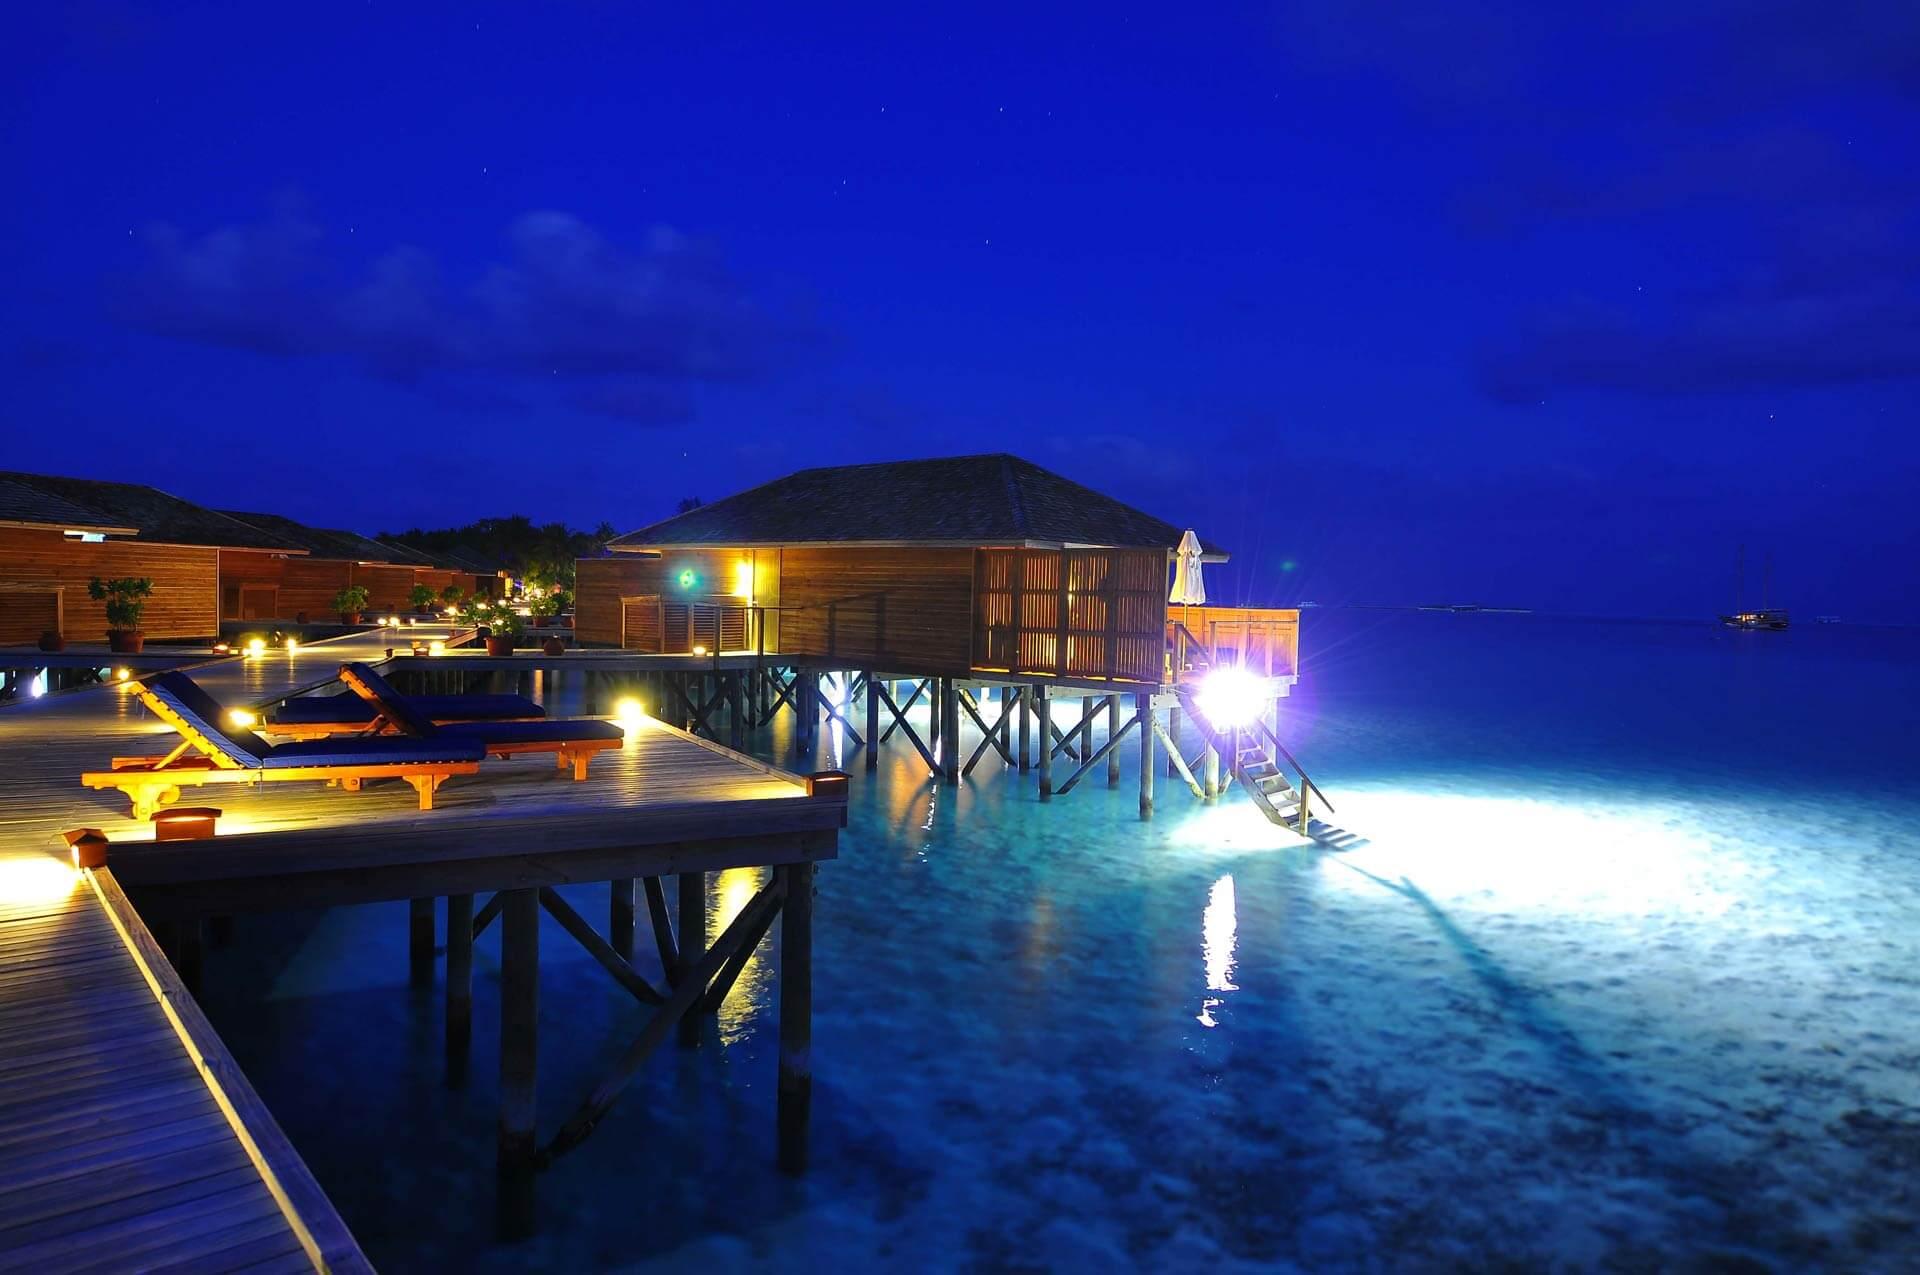 Wasserbungalows bei Nacht